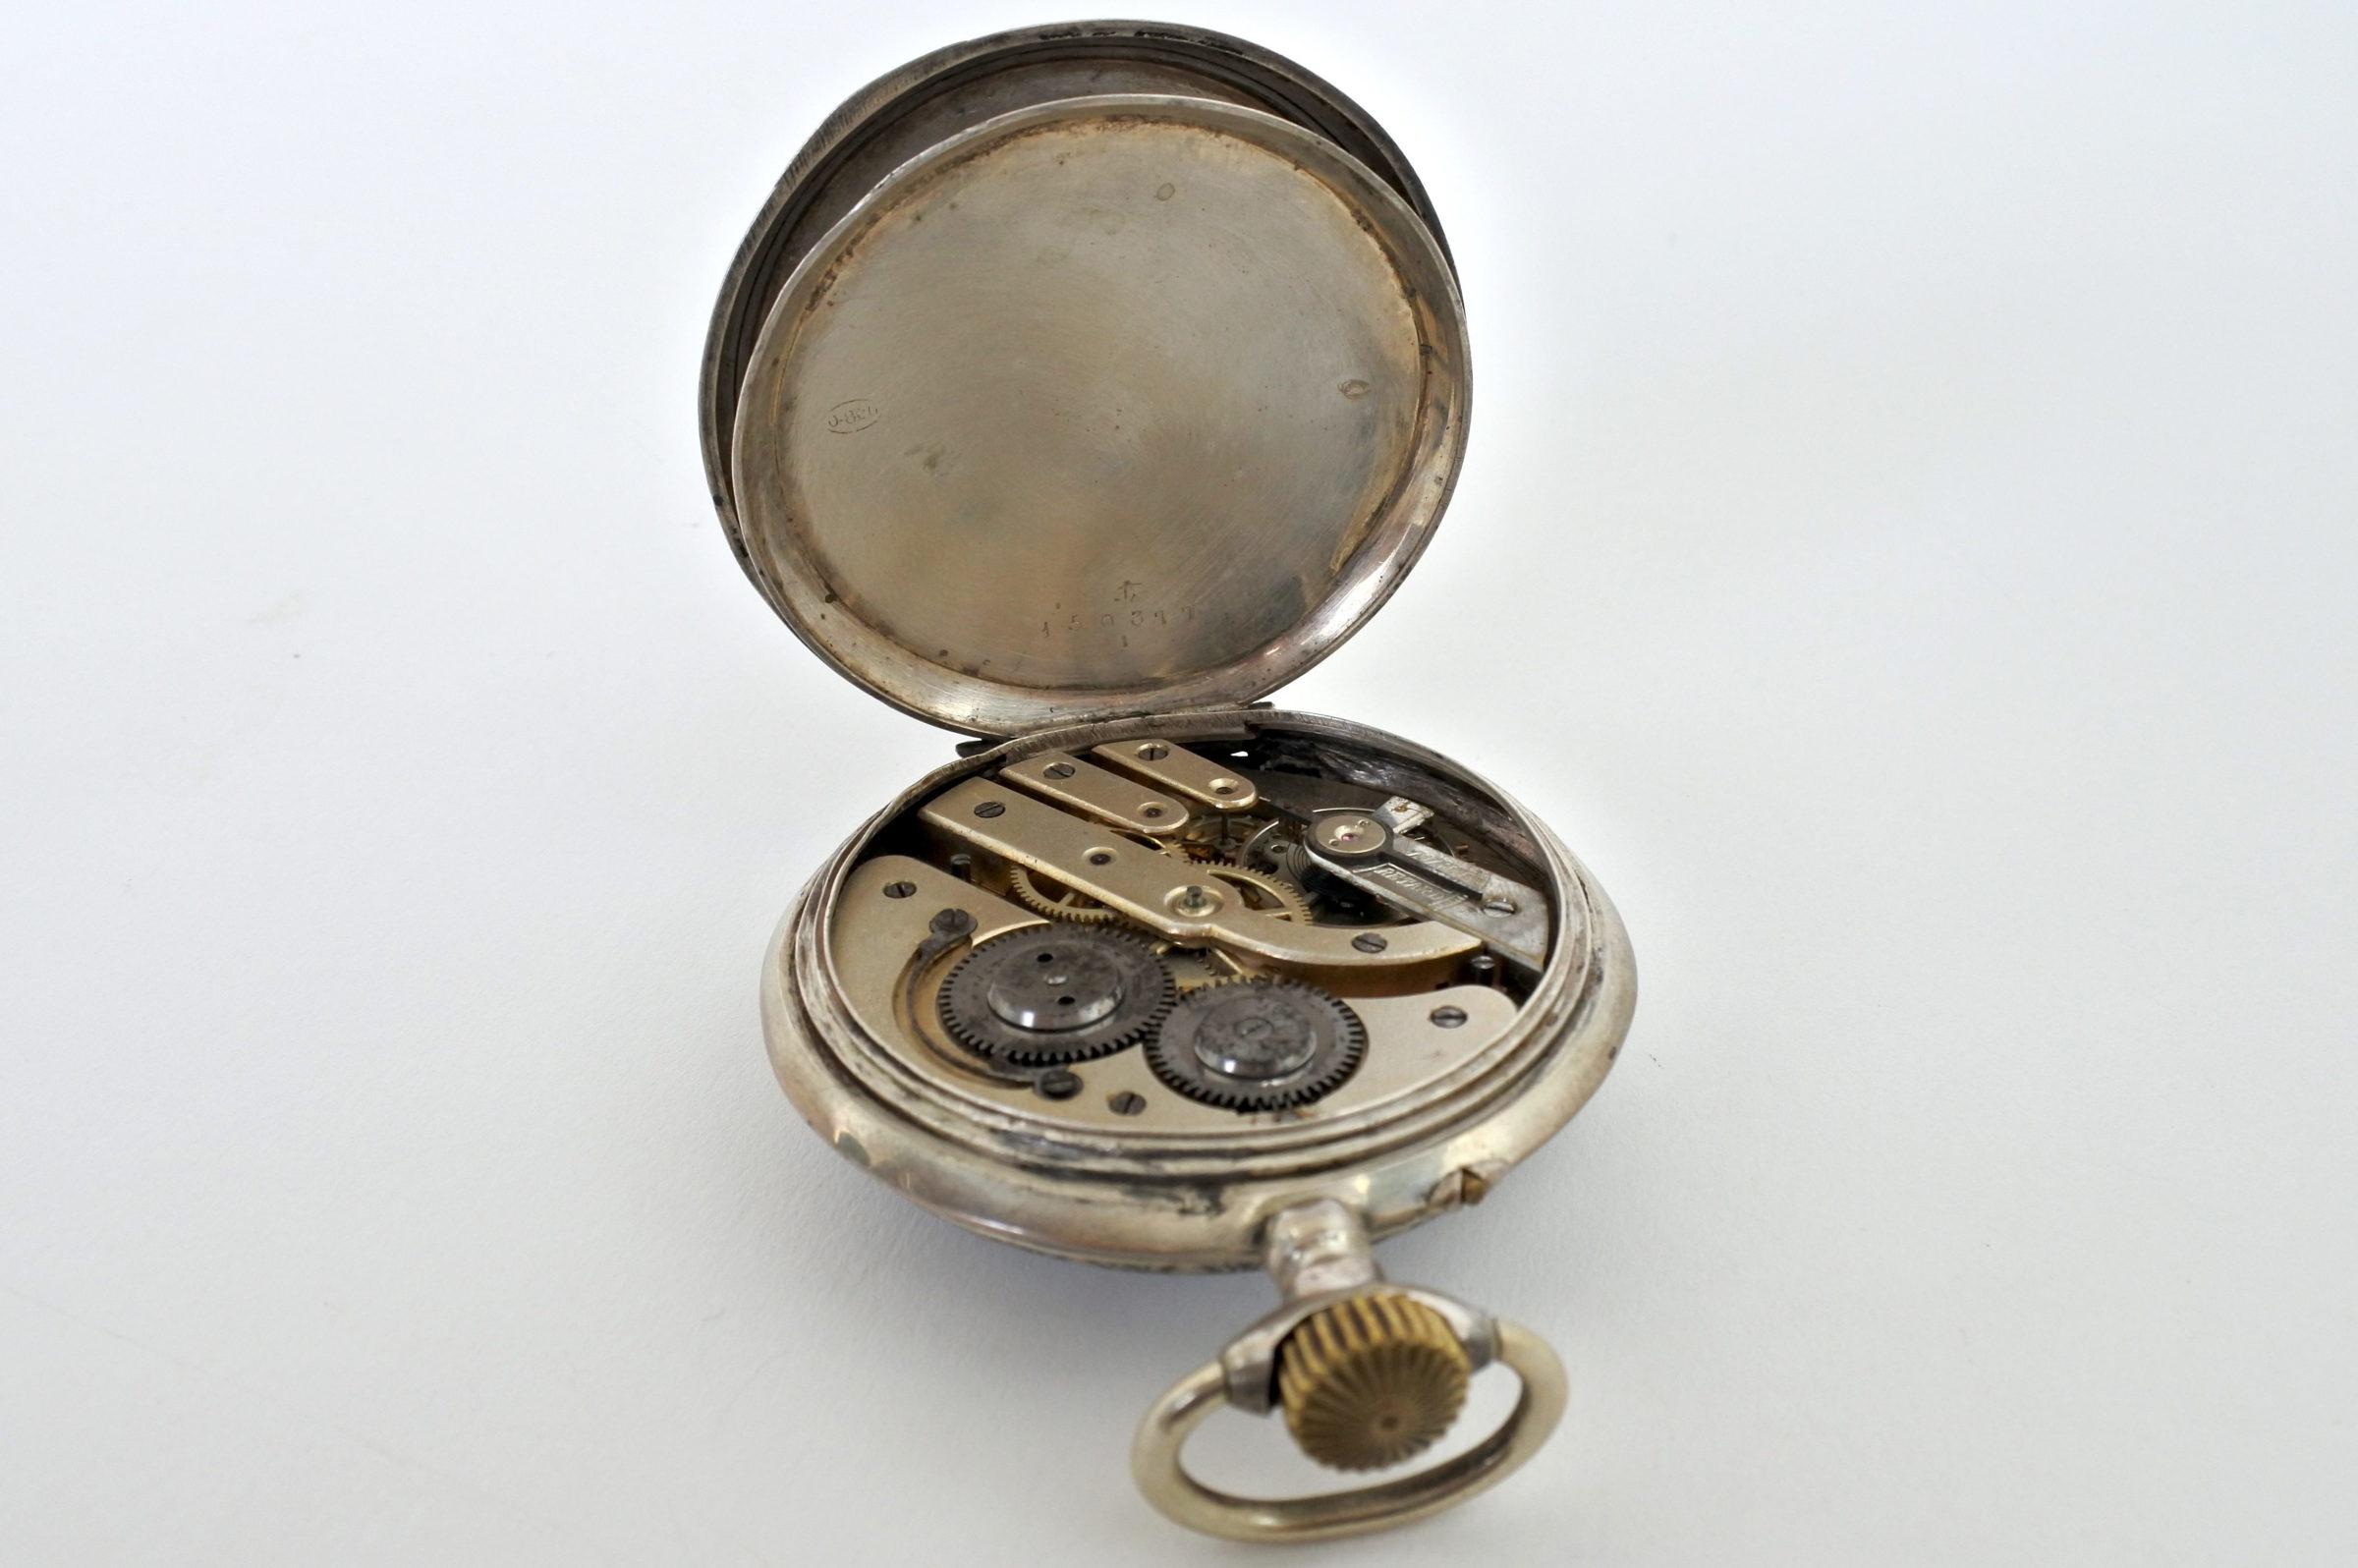 Orologio da tasca in argento con treno su quadrante - 4